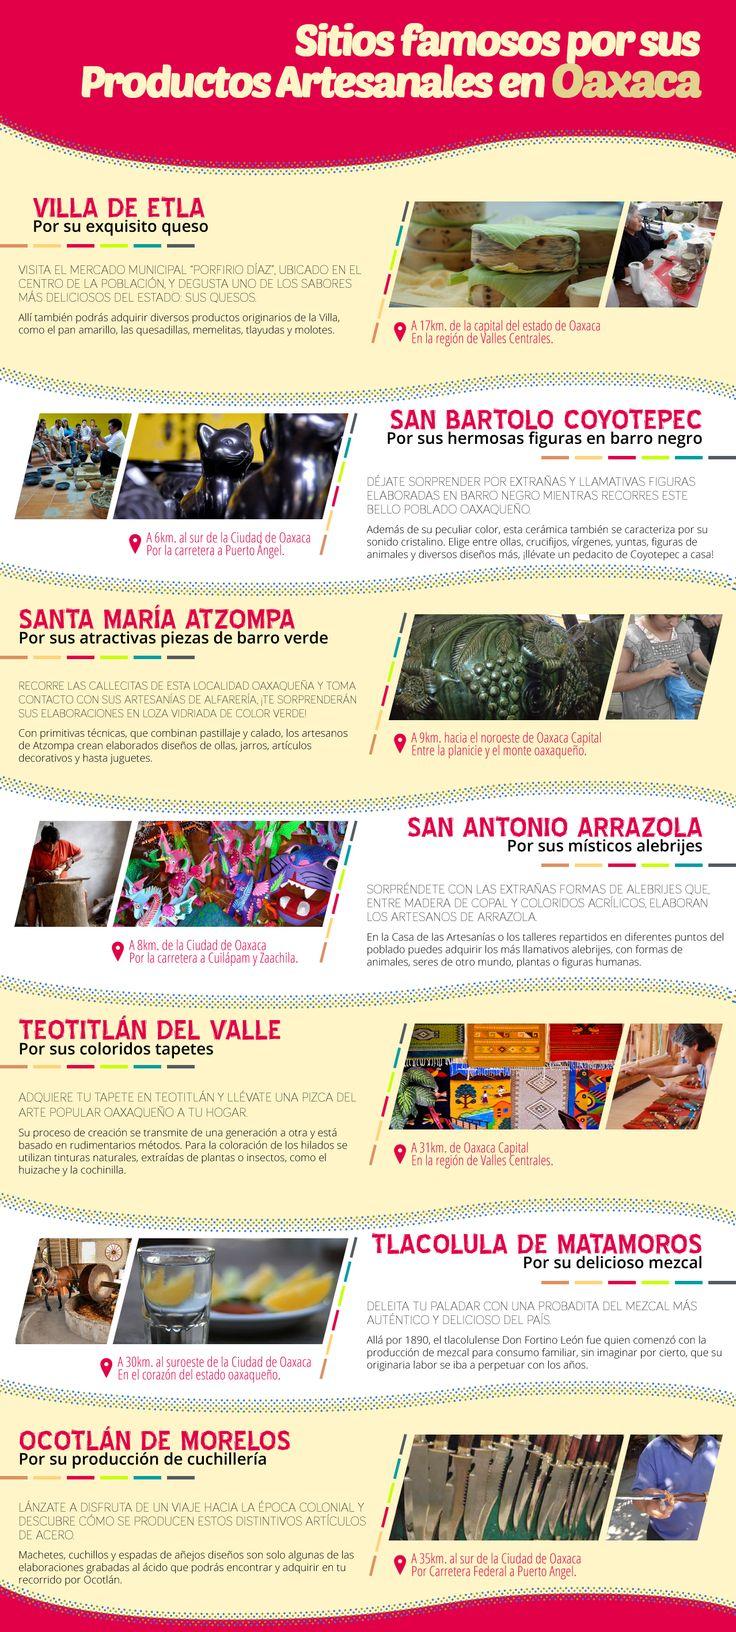 #Oaxaca y una exquisita variedad de #productosartesanales. ¡Elige el tuyo en tu paso por este bonito destino #mexicano! Más info sobre atractivos, aquí: http://www.bestday.com.mx/Oaxaca/Atracciones/